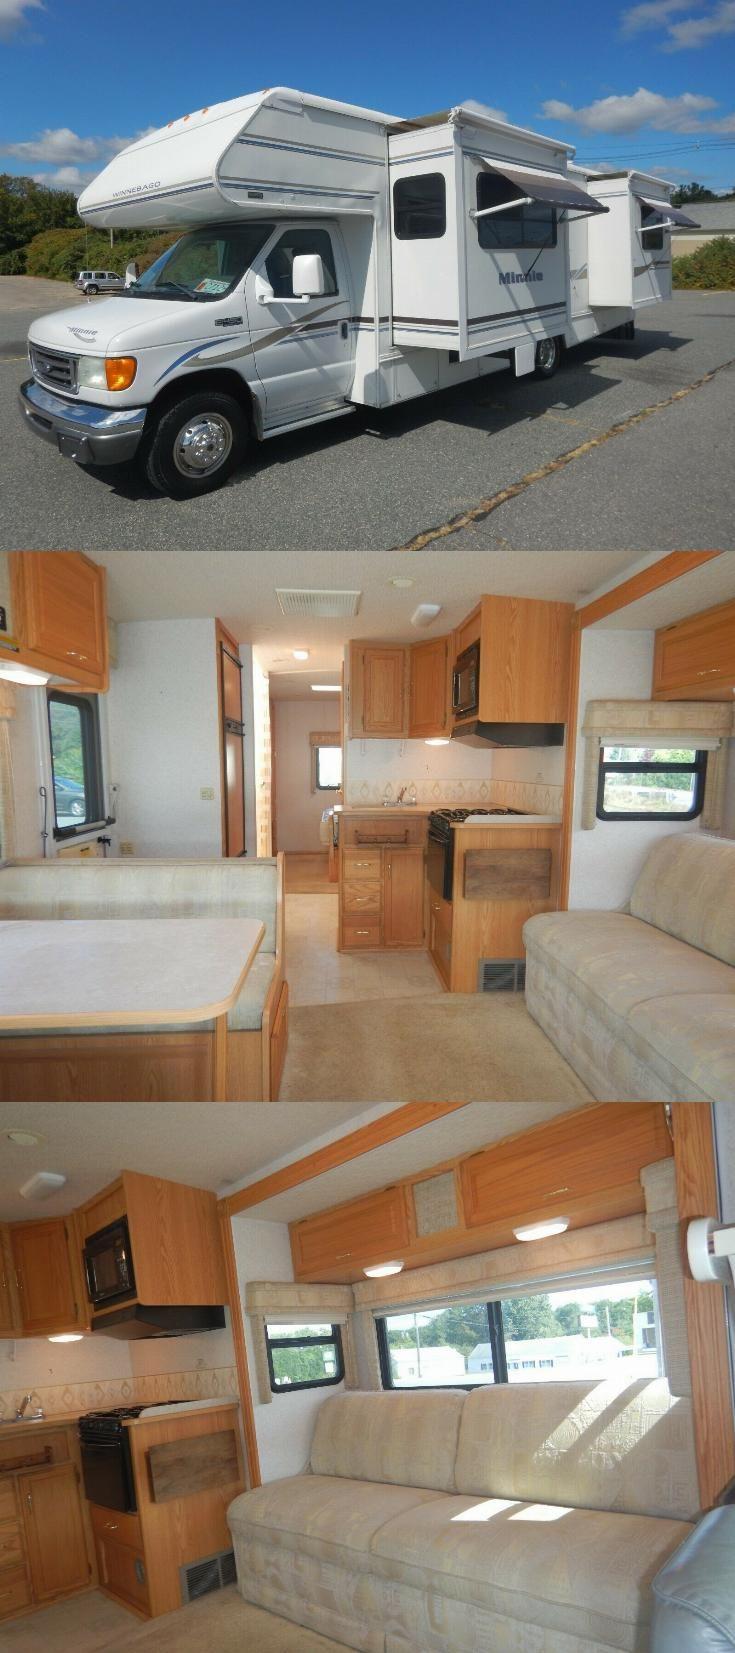 Low Miles 2004 Winnebago Minnie 29b Camper Campers For Sale